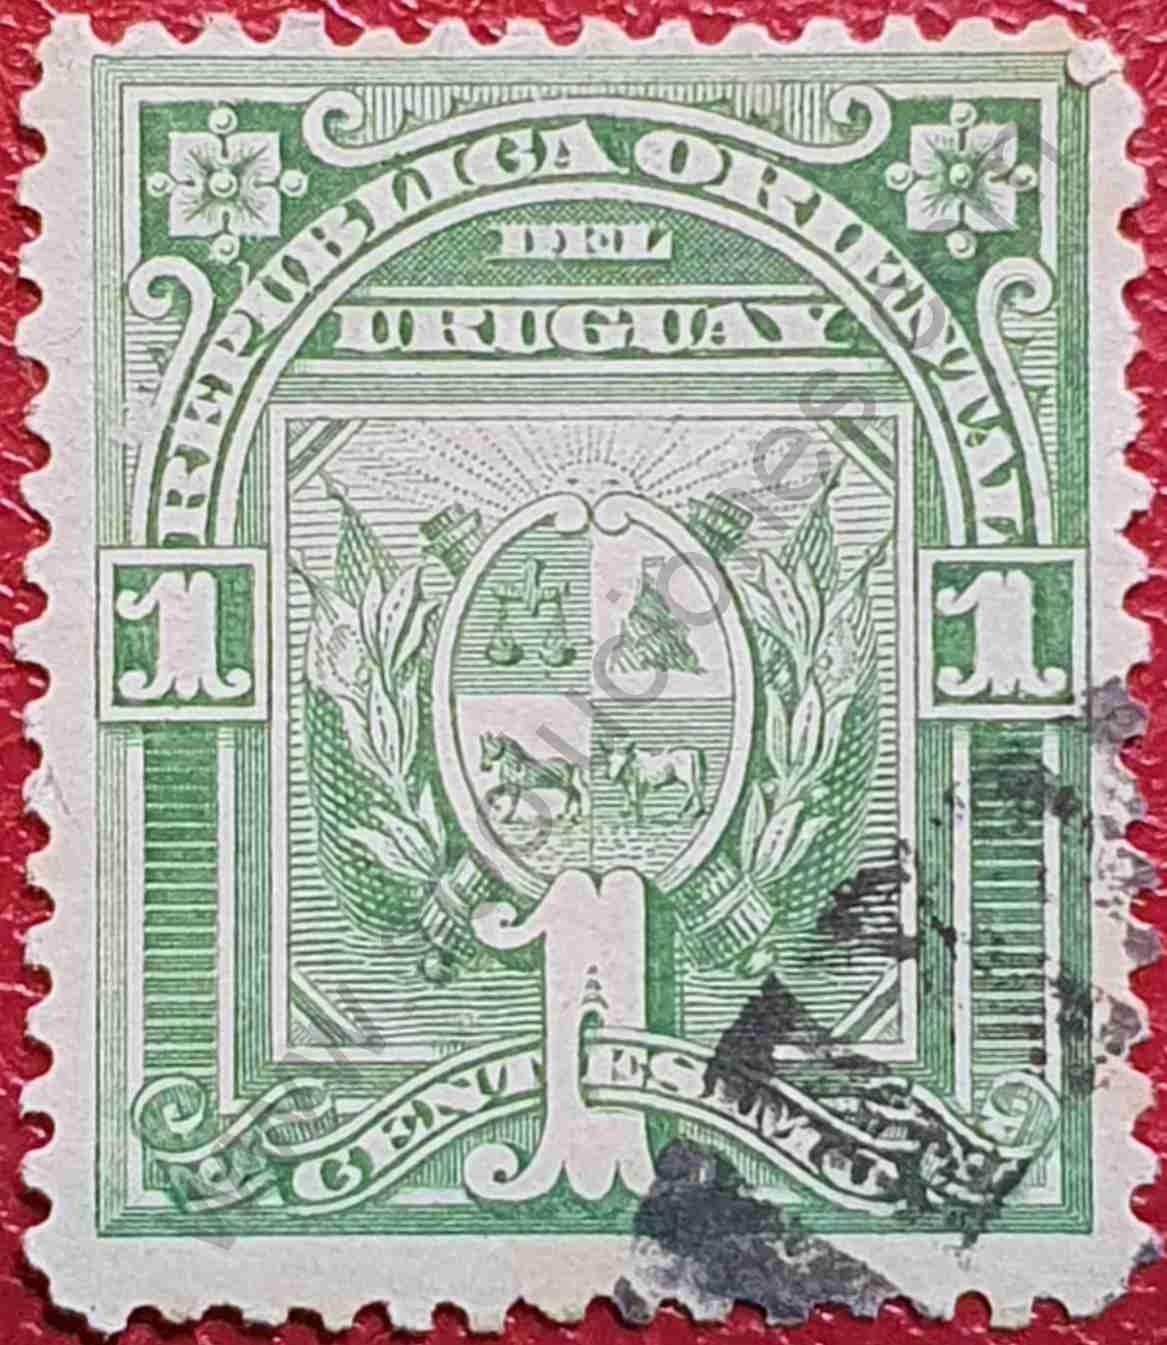 Escudo de armas 1c - Uruguay sello de 1890